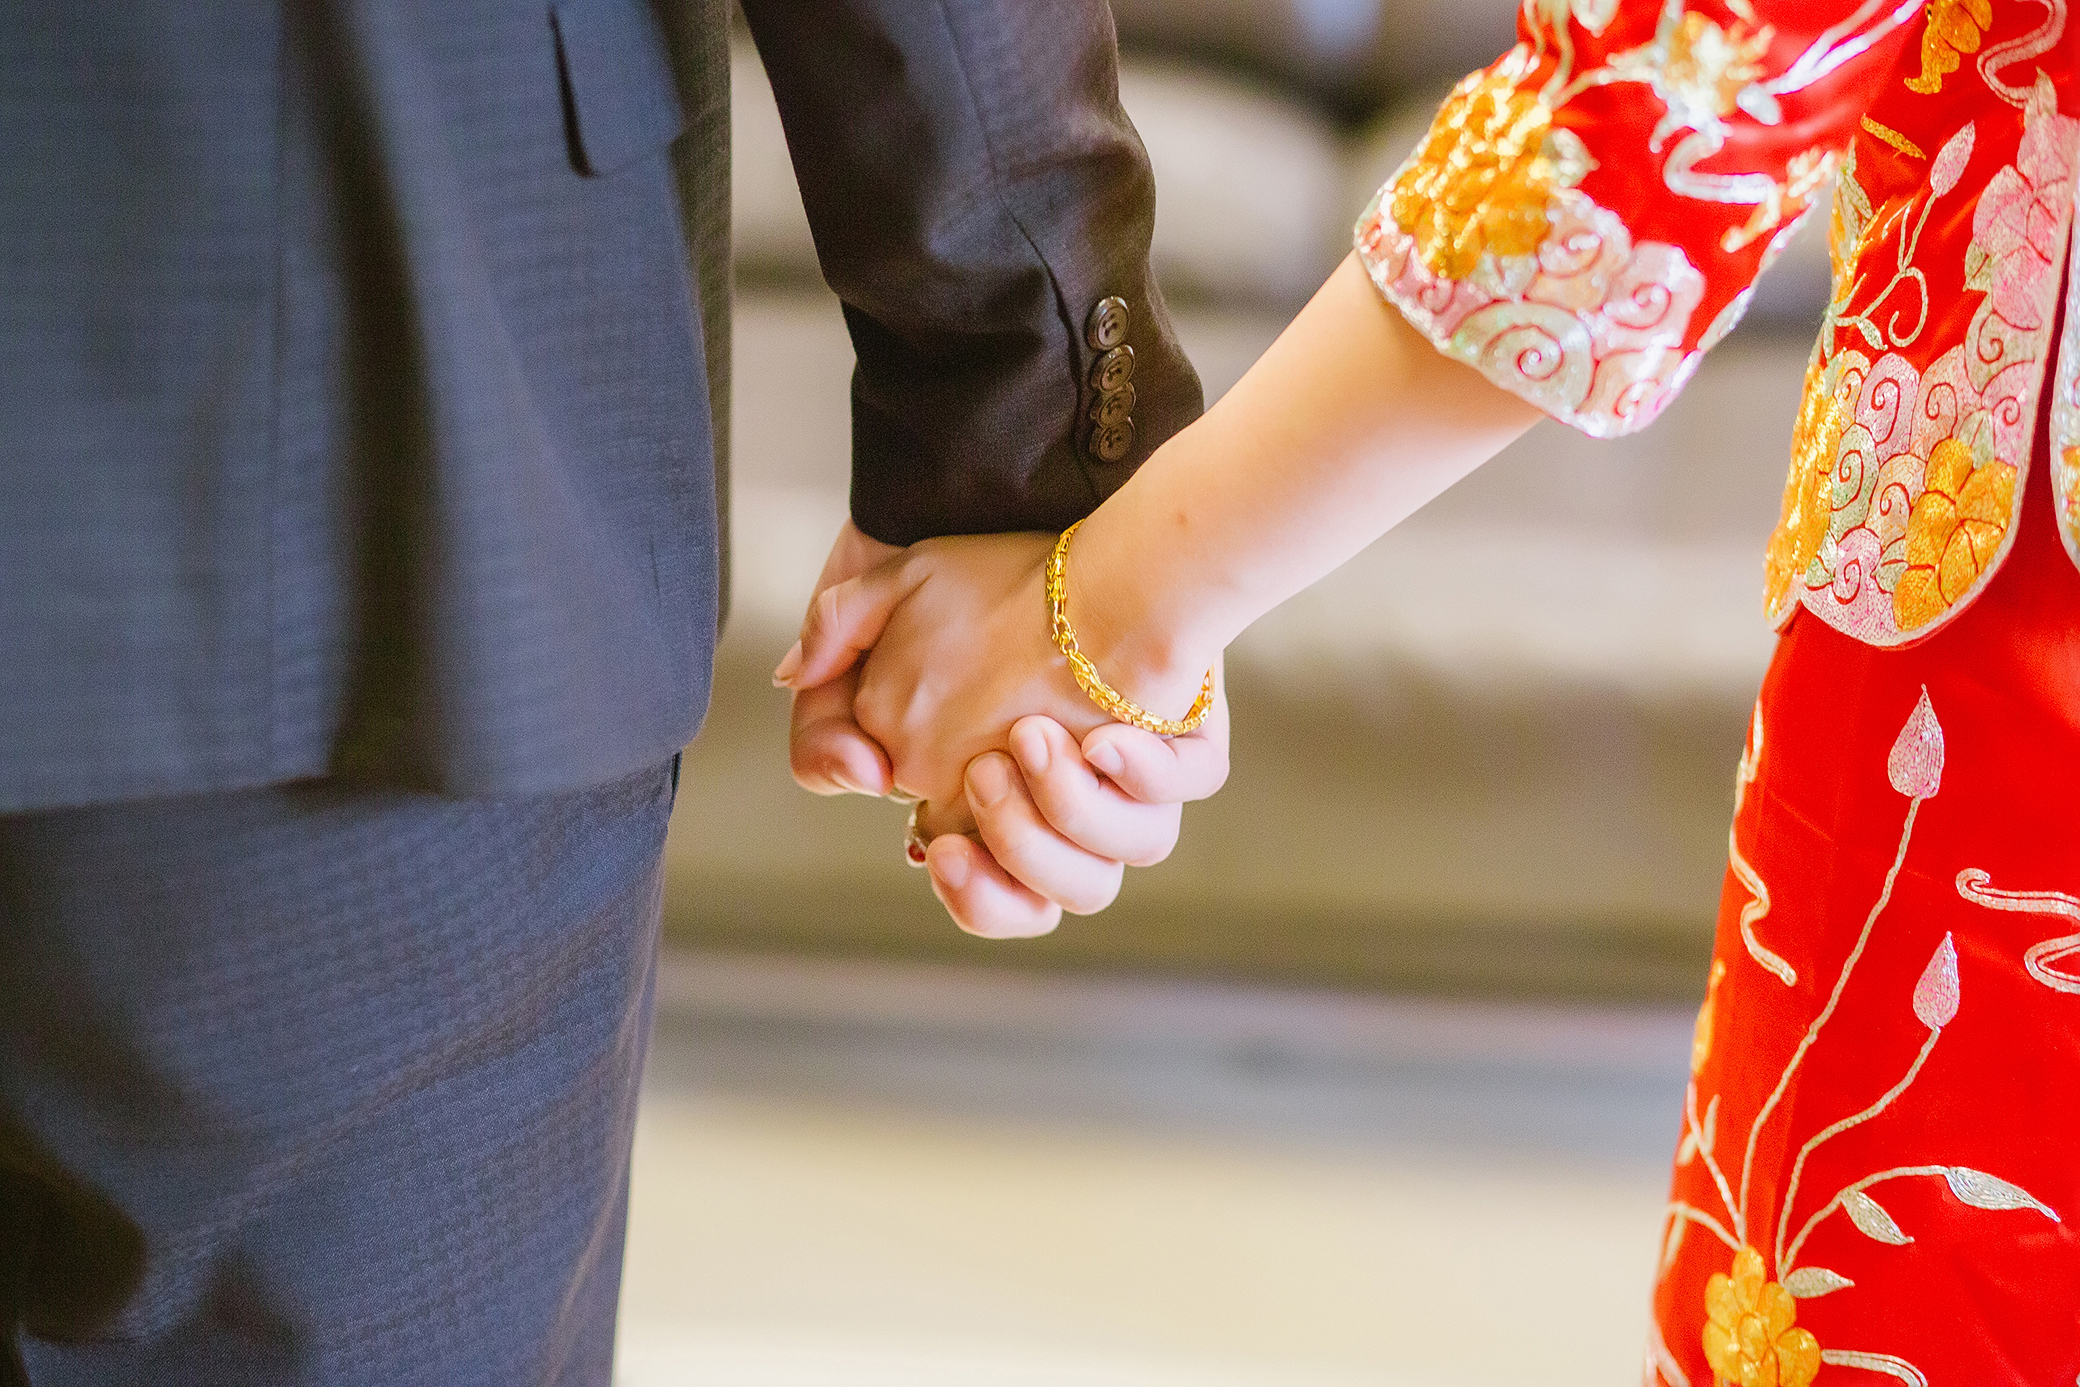 nickchang-wedding-%e5%af%92%e8%88%8d%e8%89%be%e9%ba%97-fineart-18